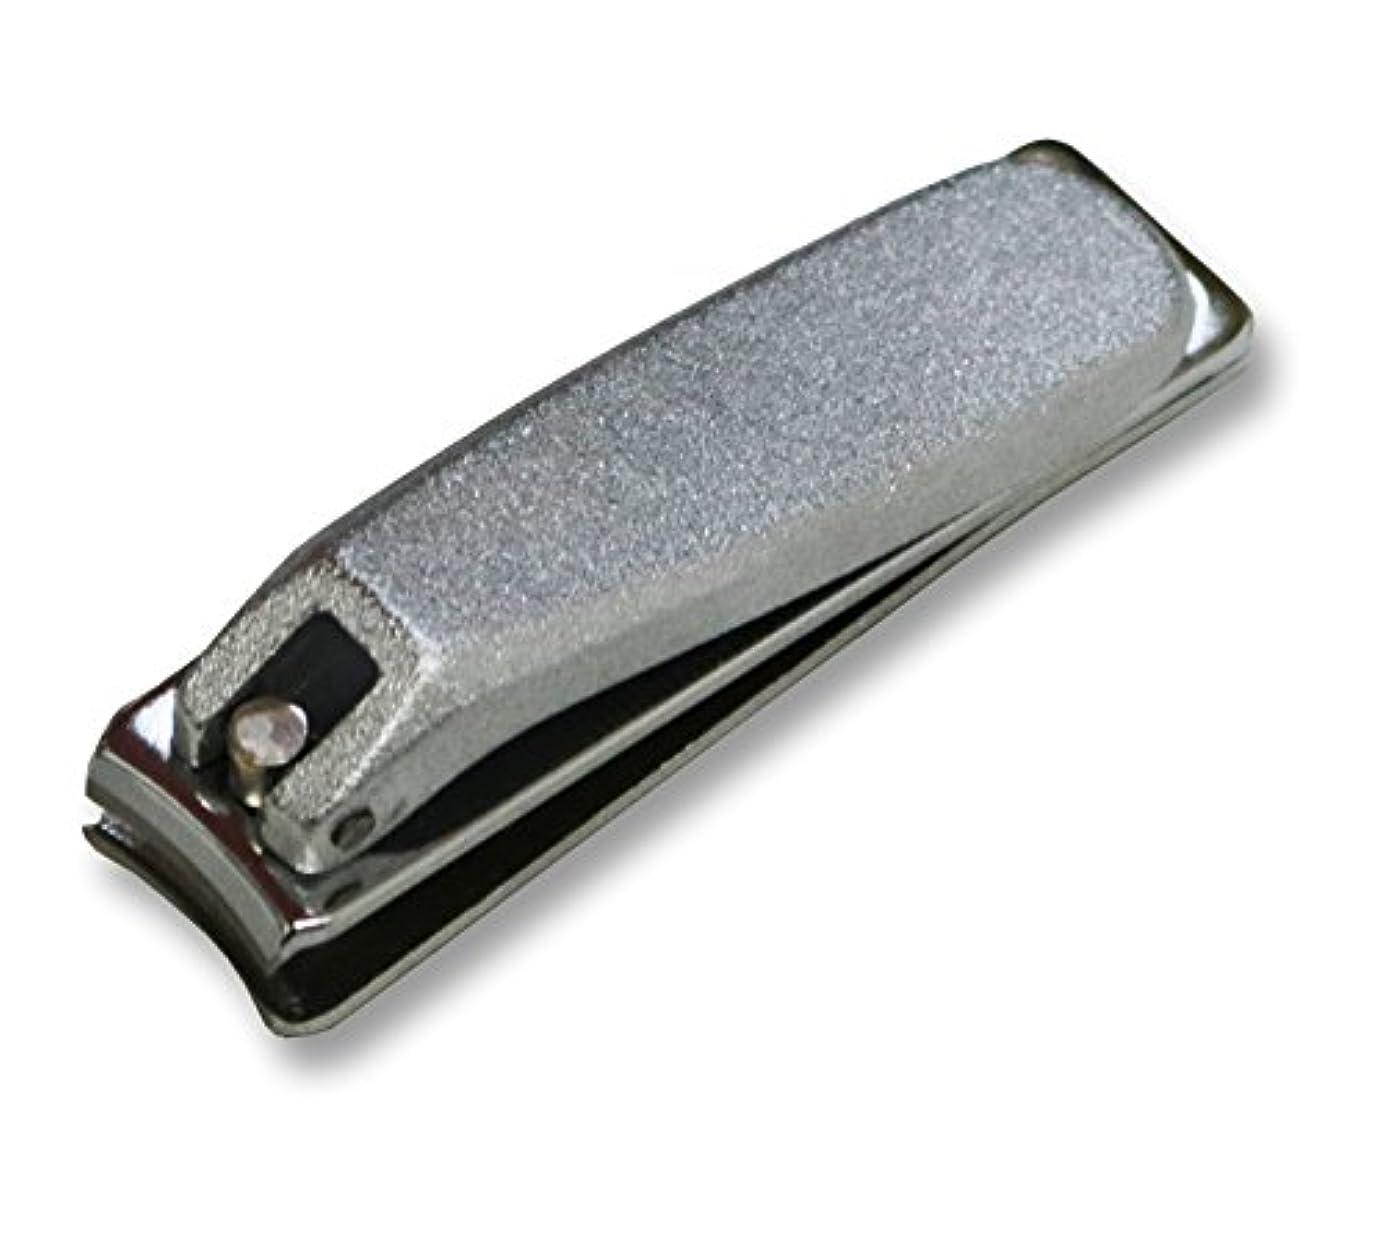 モードジャグリング遊び場KD-023 関の刃物 クローム爪切 小 カバー無